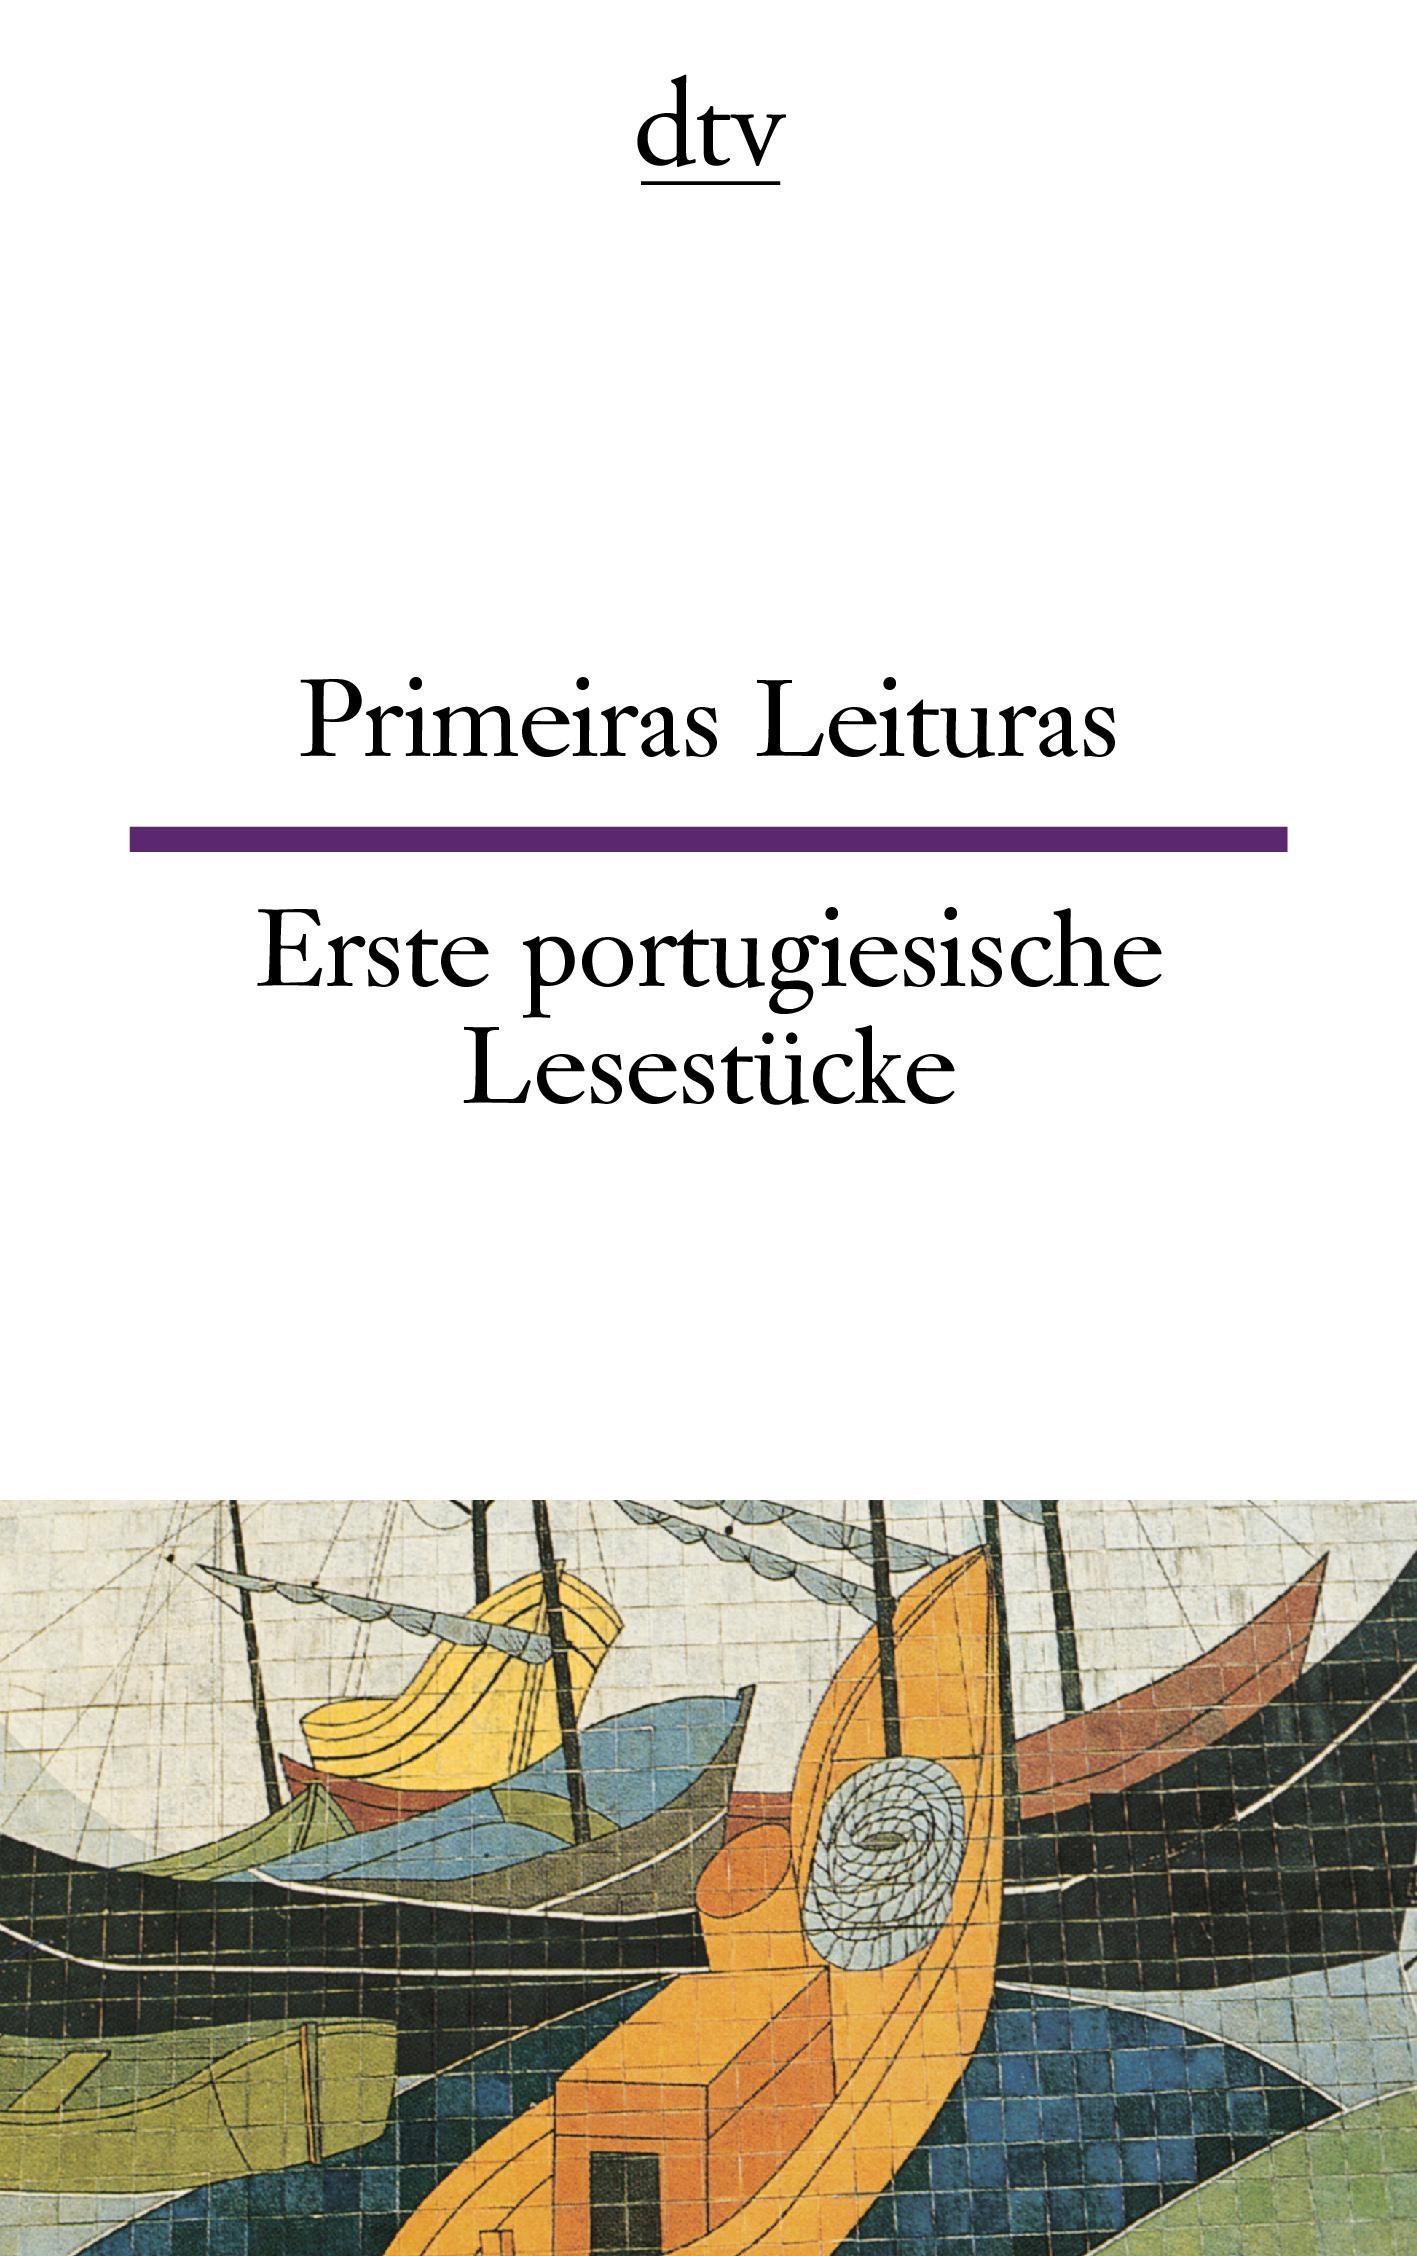 Primeiras leituras/ Erste portugiesische Lesestücke